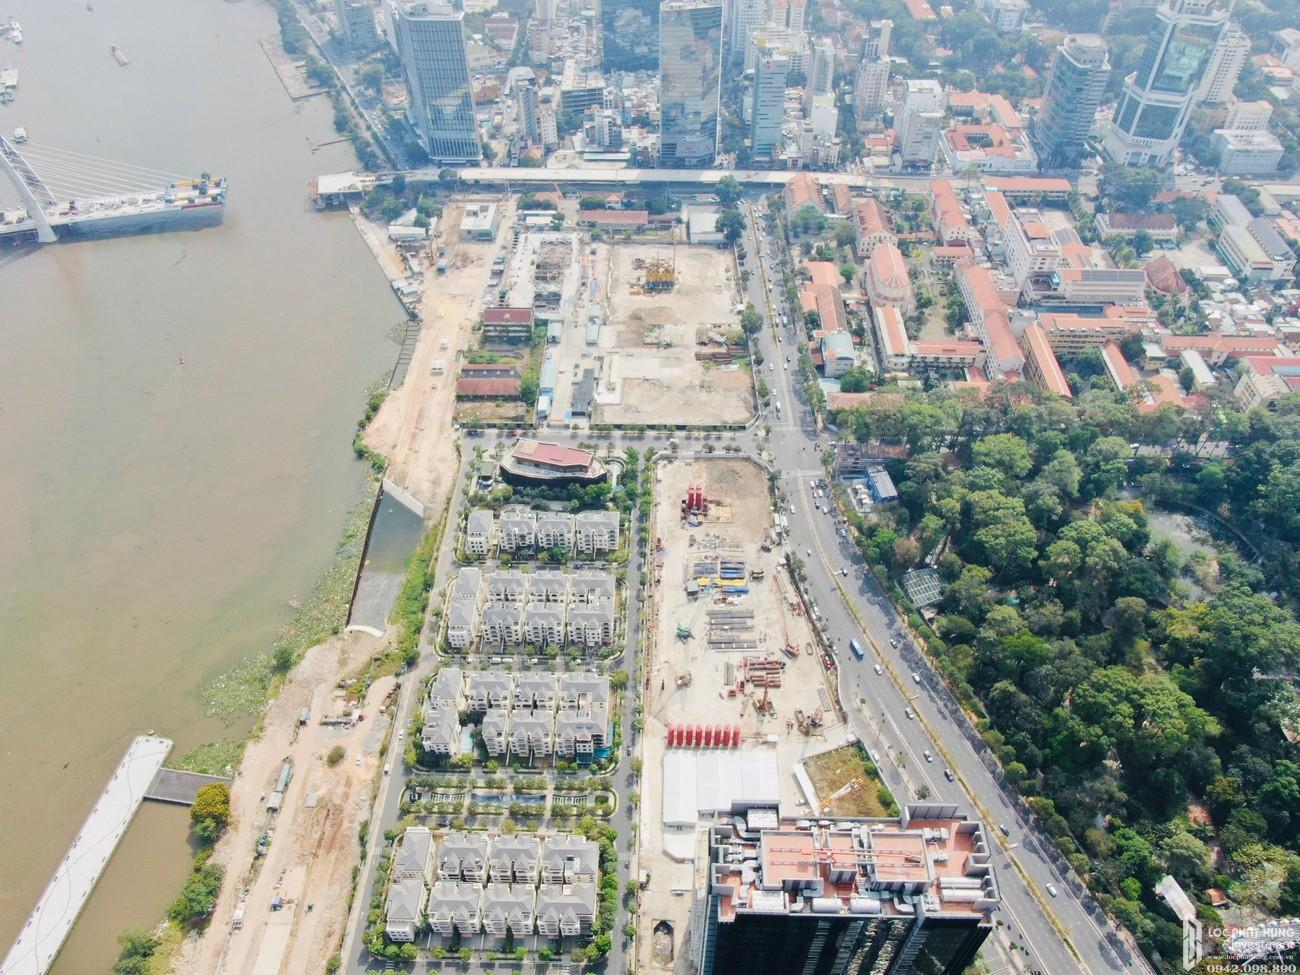 Dự án Grand Marina Saigon với tiến độ xây dựng vô cùng ổn định